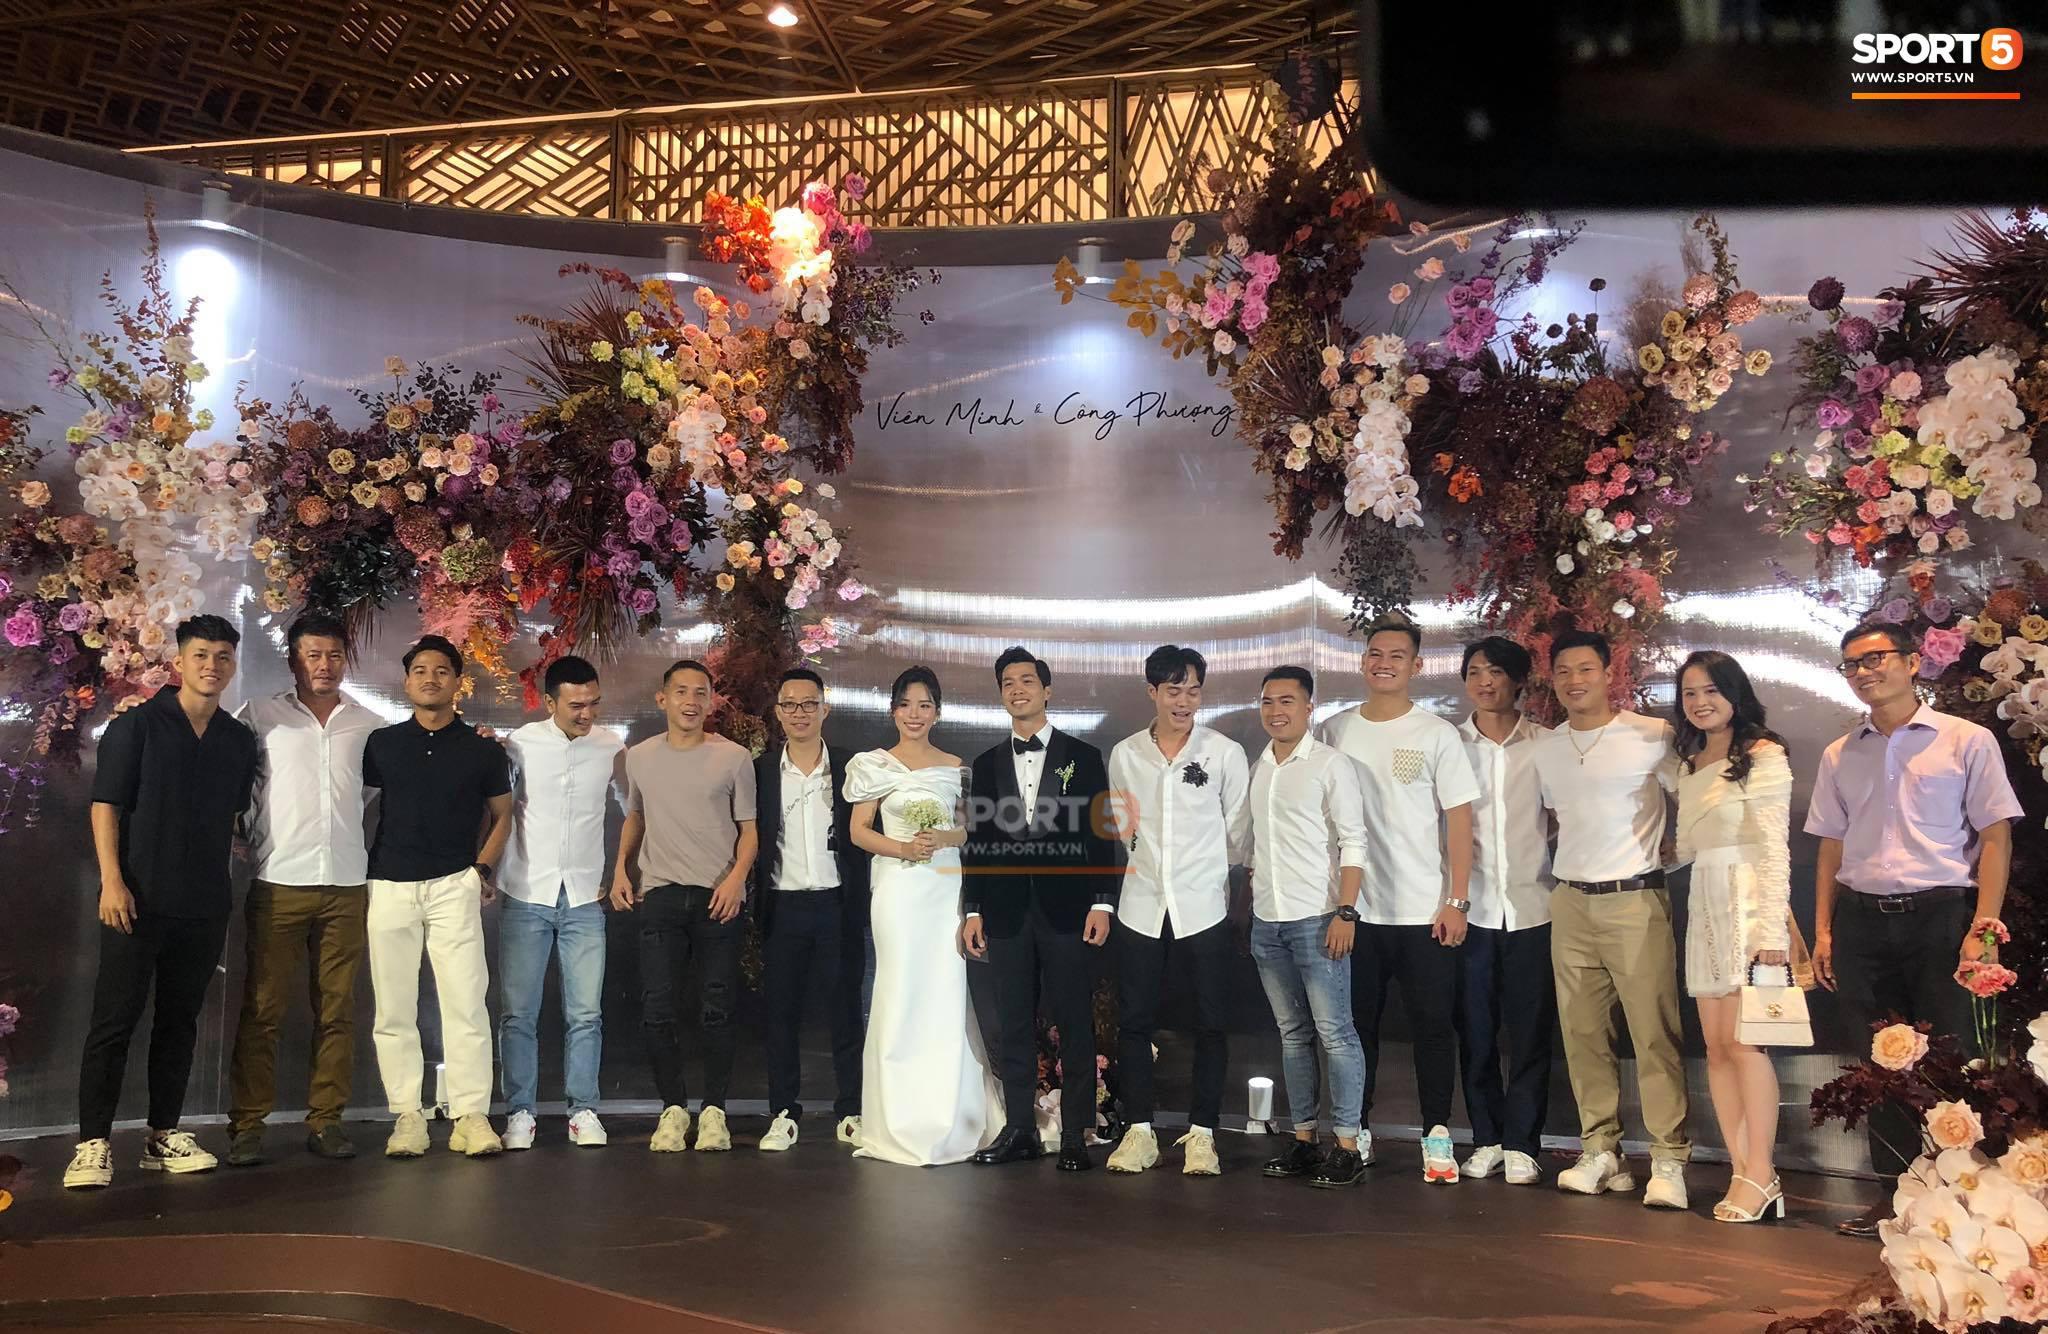 Vợ Công Phượng mặc váy cưới trơn nhẹ nhàng, cầm bó hoa cưới khiến ai cũng liên tưởng ngay tới Song Hye Kyo - Ảnh 2.